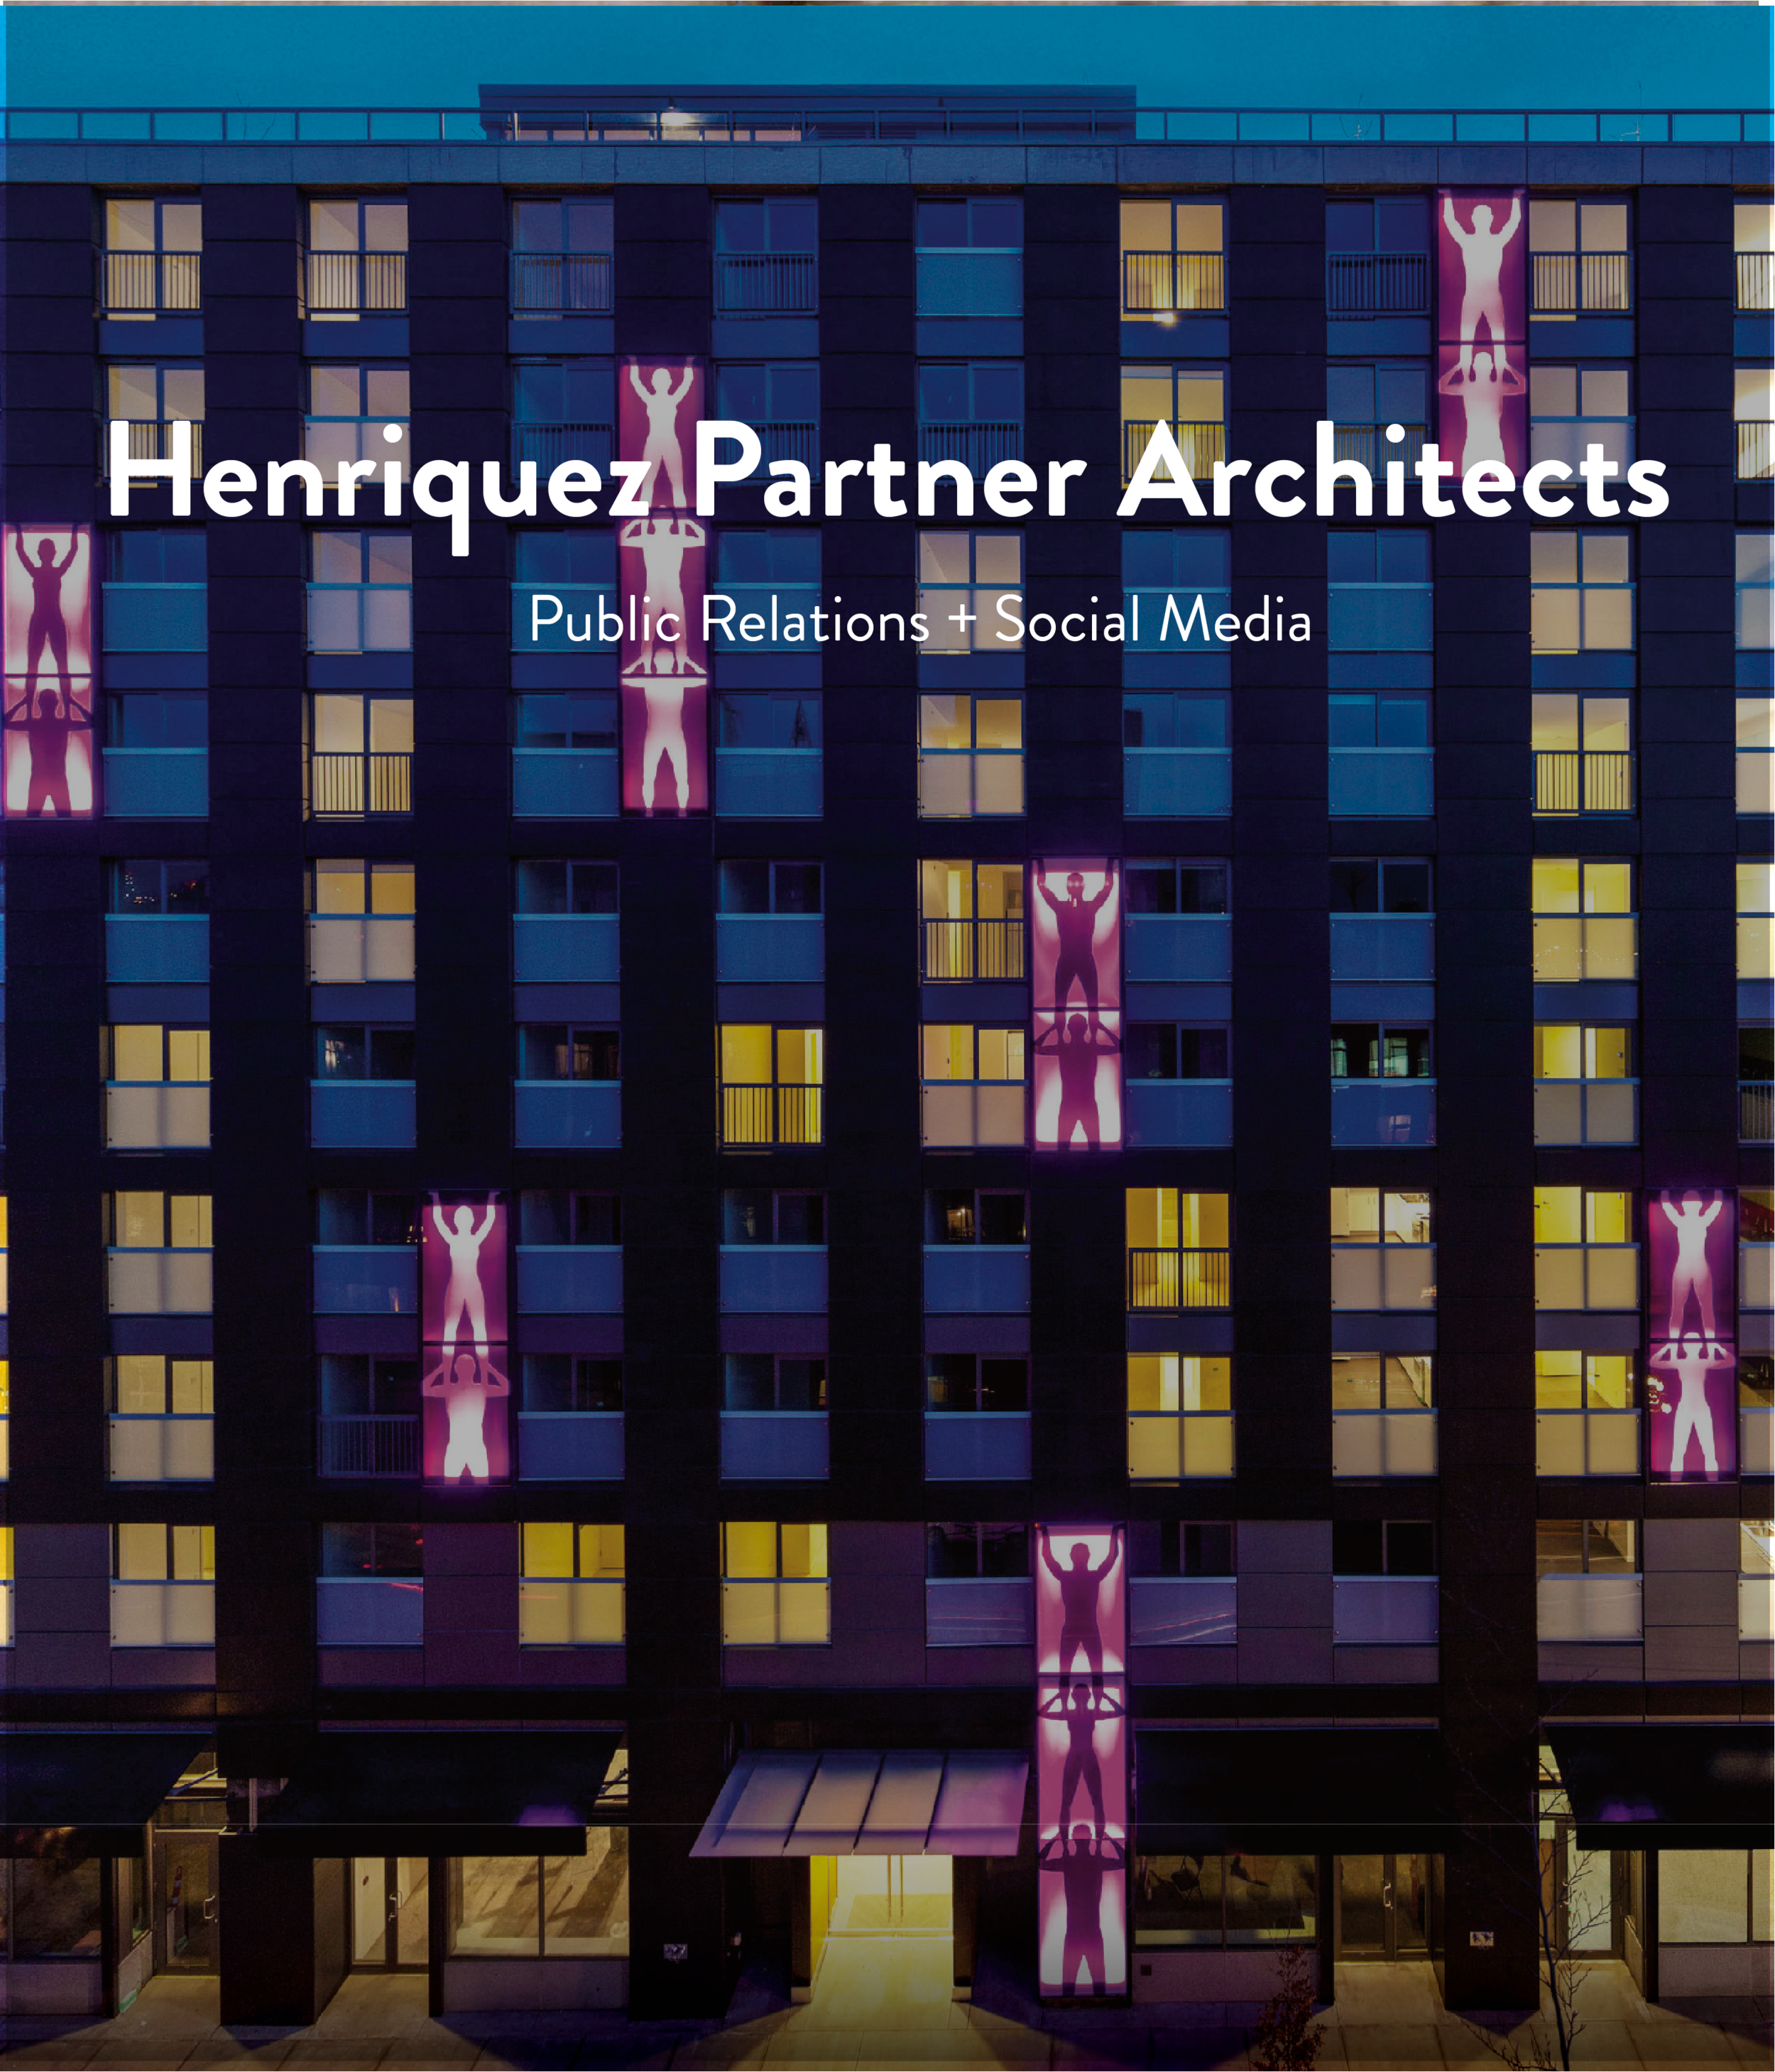 Henriquez Partner Architects